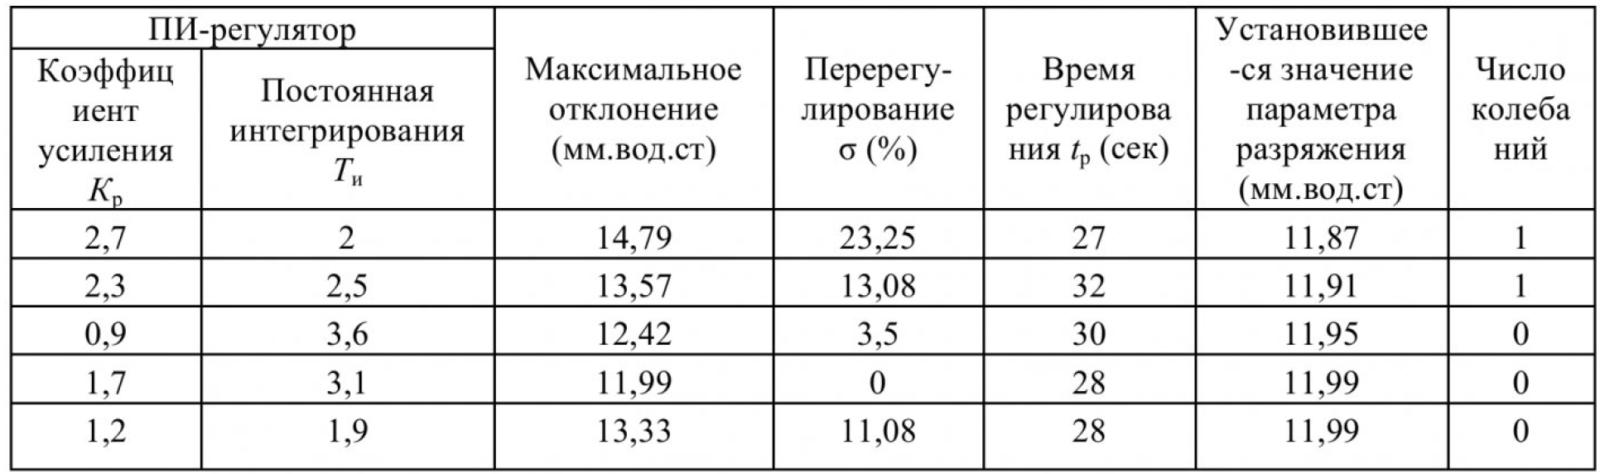 Таблица 1 – Результаты исследования на модели переходных процессов в САР разряжения для различных значений параметров настройки ПИ- регулятора